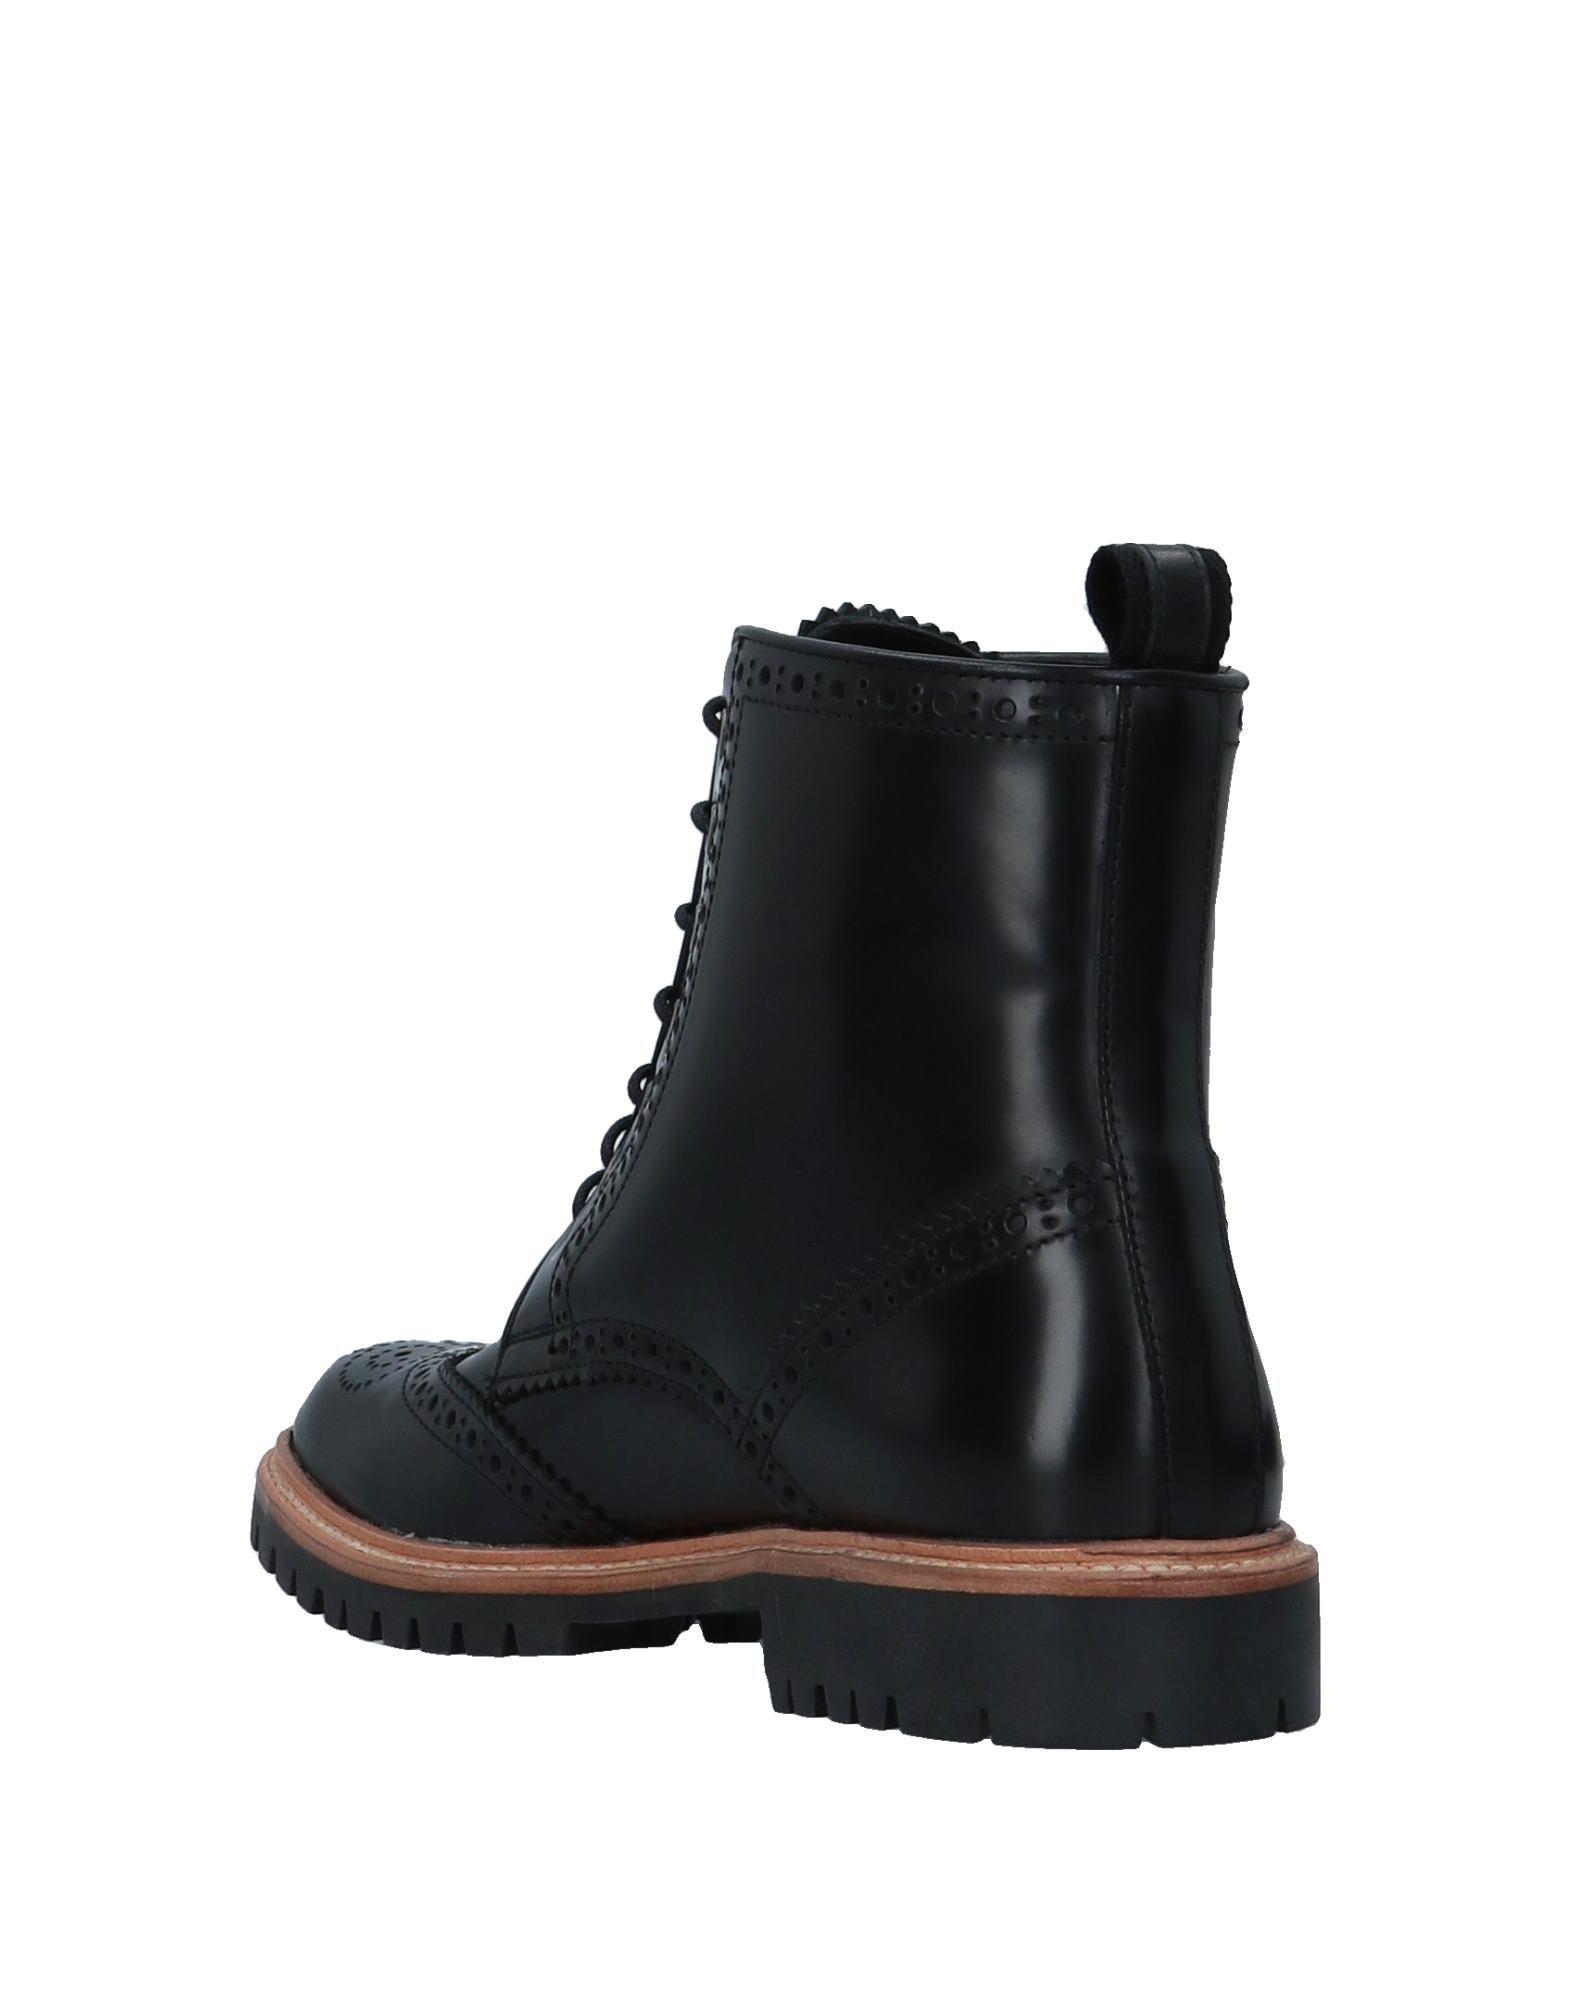 Stilvolle Stiefelette billige Schuhe Voile Blanche Stiefelette Stilvolle Damen  11538369IB 7d74a8